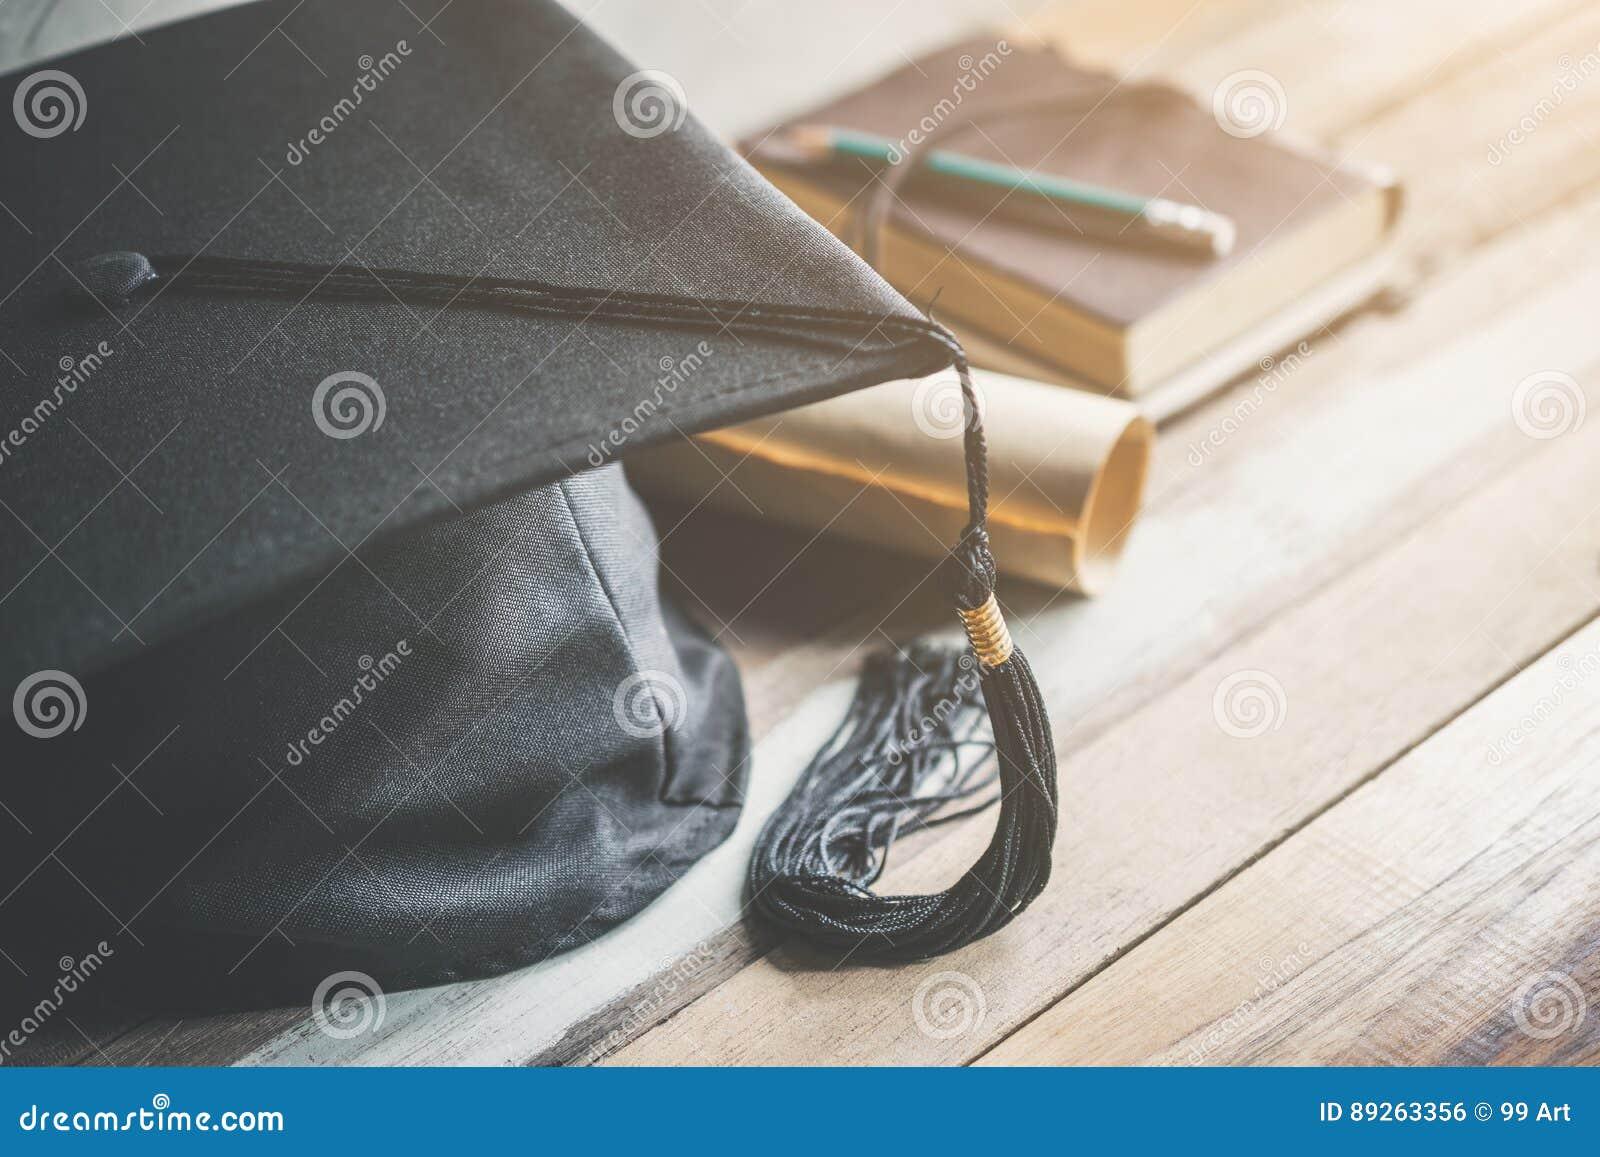 βαθμολόγηση ΚΑΠ, καπέλο με το έγγραφο βαθμού για την ξύλινη επιτραπέζια βαθμολόγηση γ